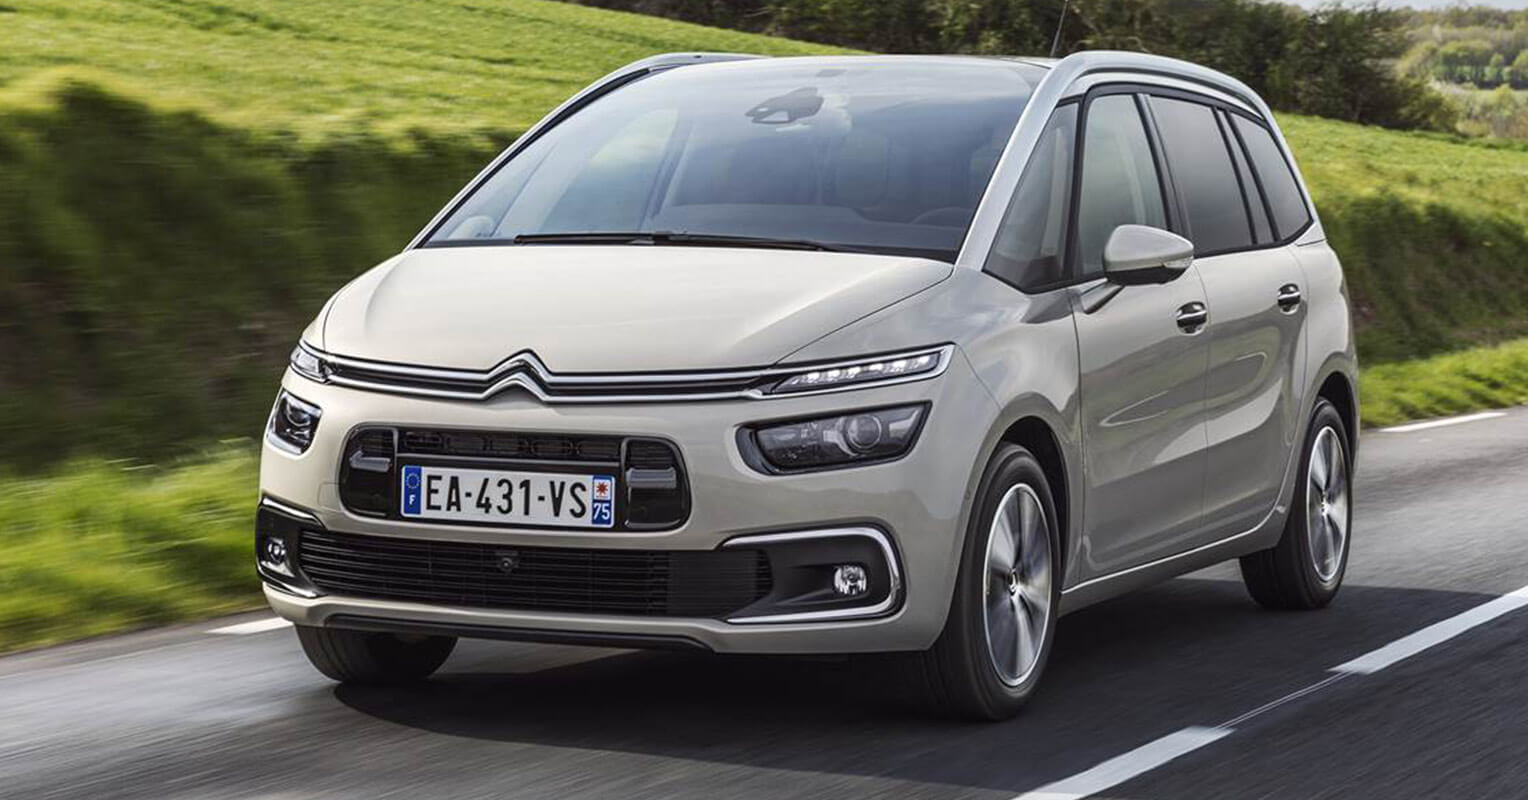 Citroën Grand C4 Picasso 2018